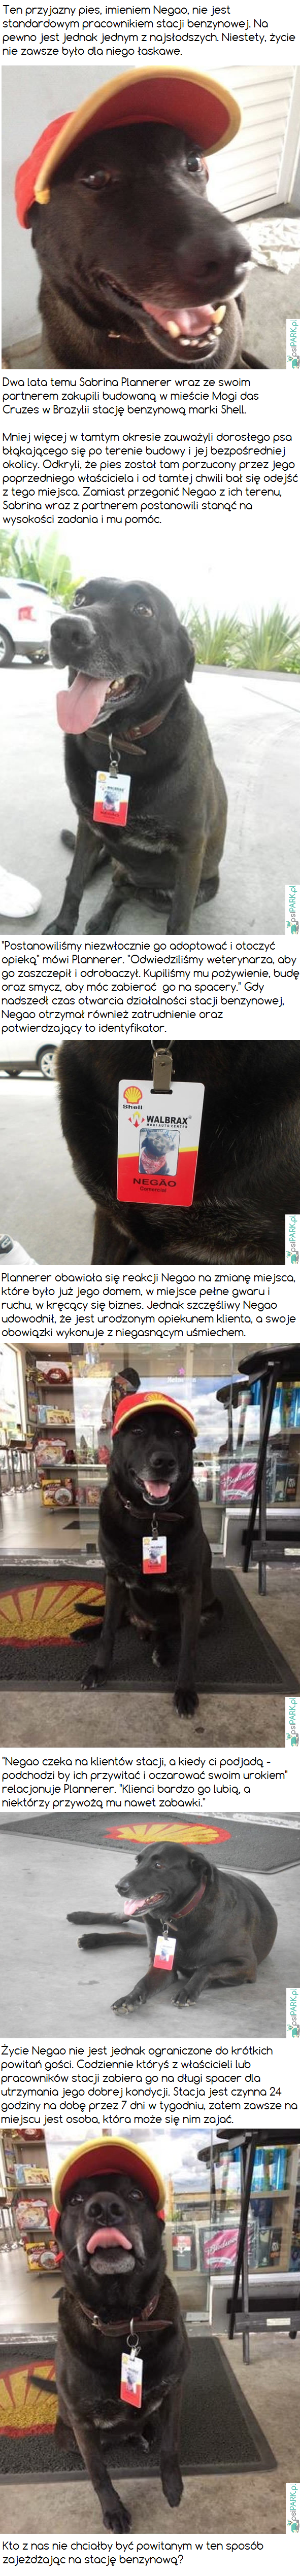 Pies porzucony w pobliżu stacji benzynowej został jej pracownikiem